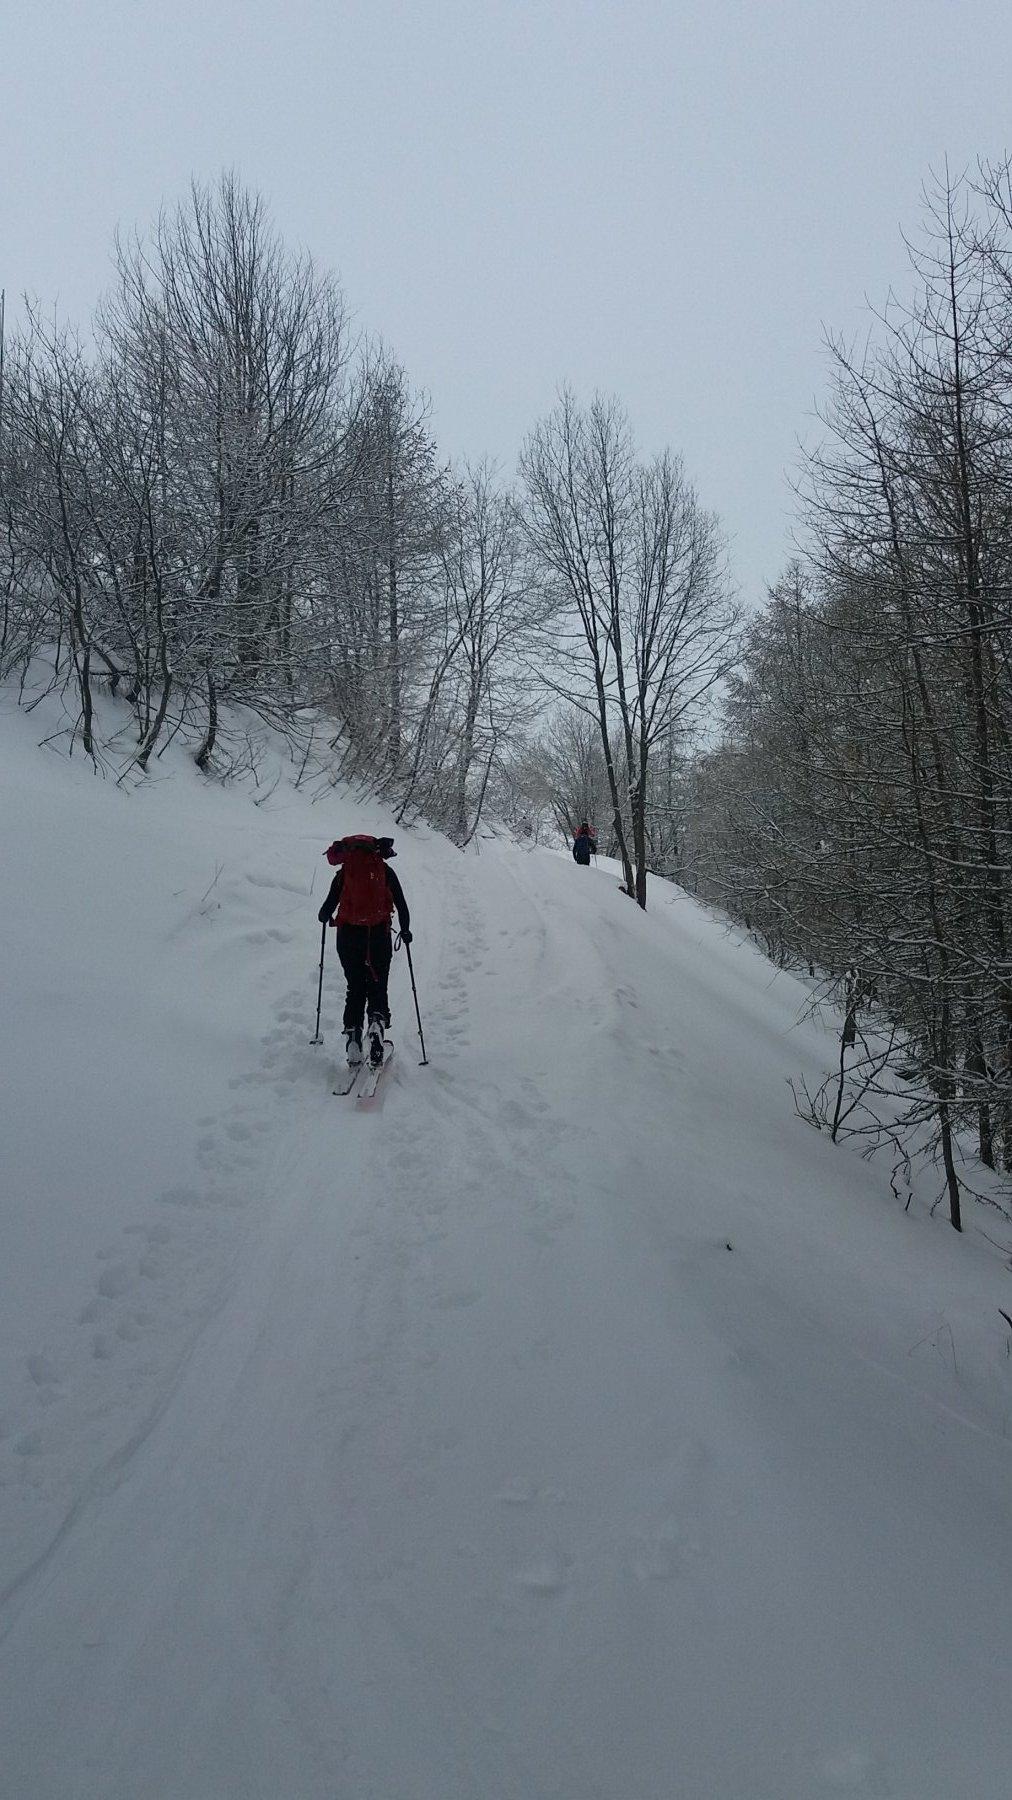 Neve su tutto il percorso